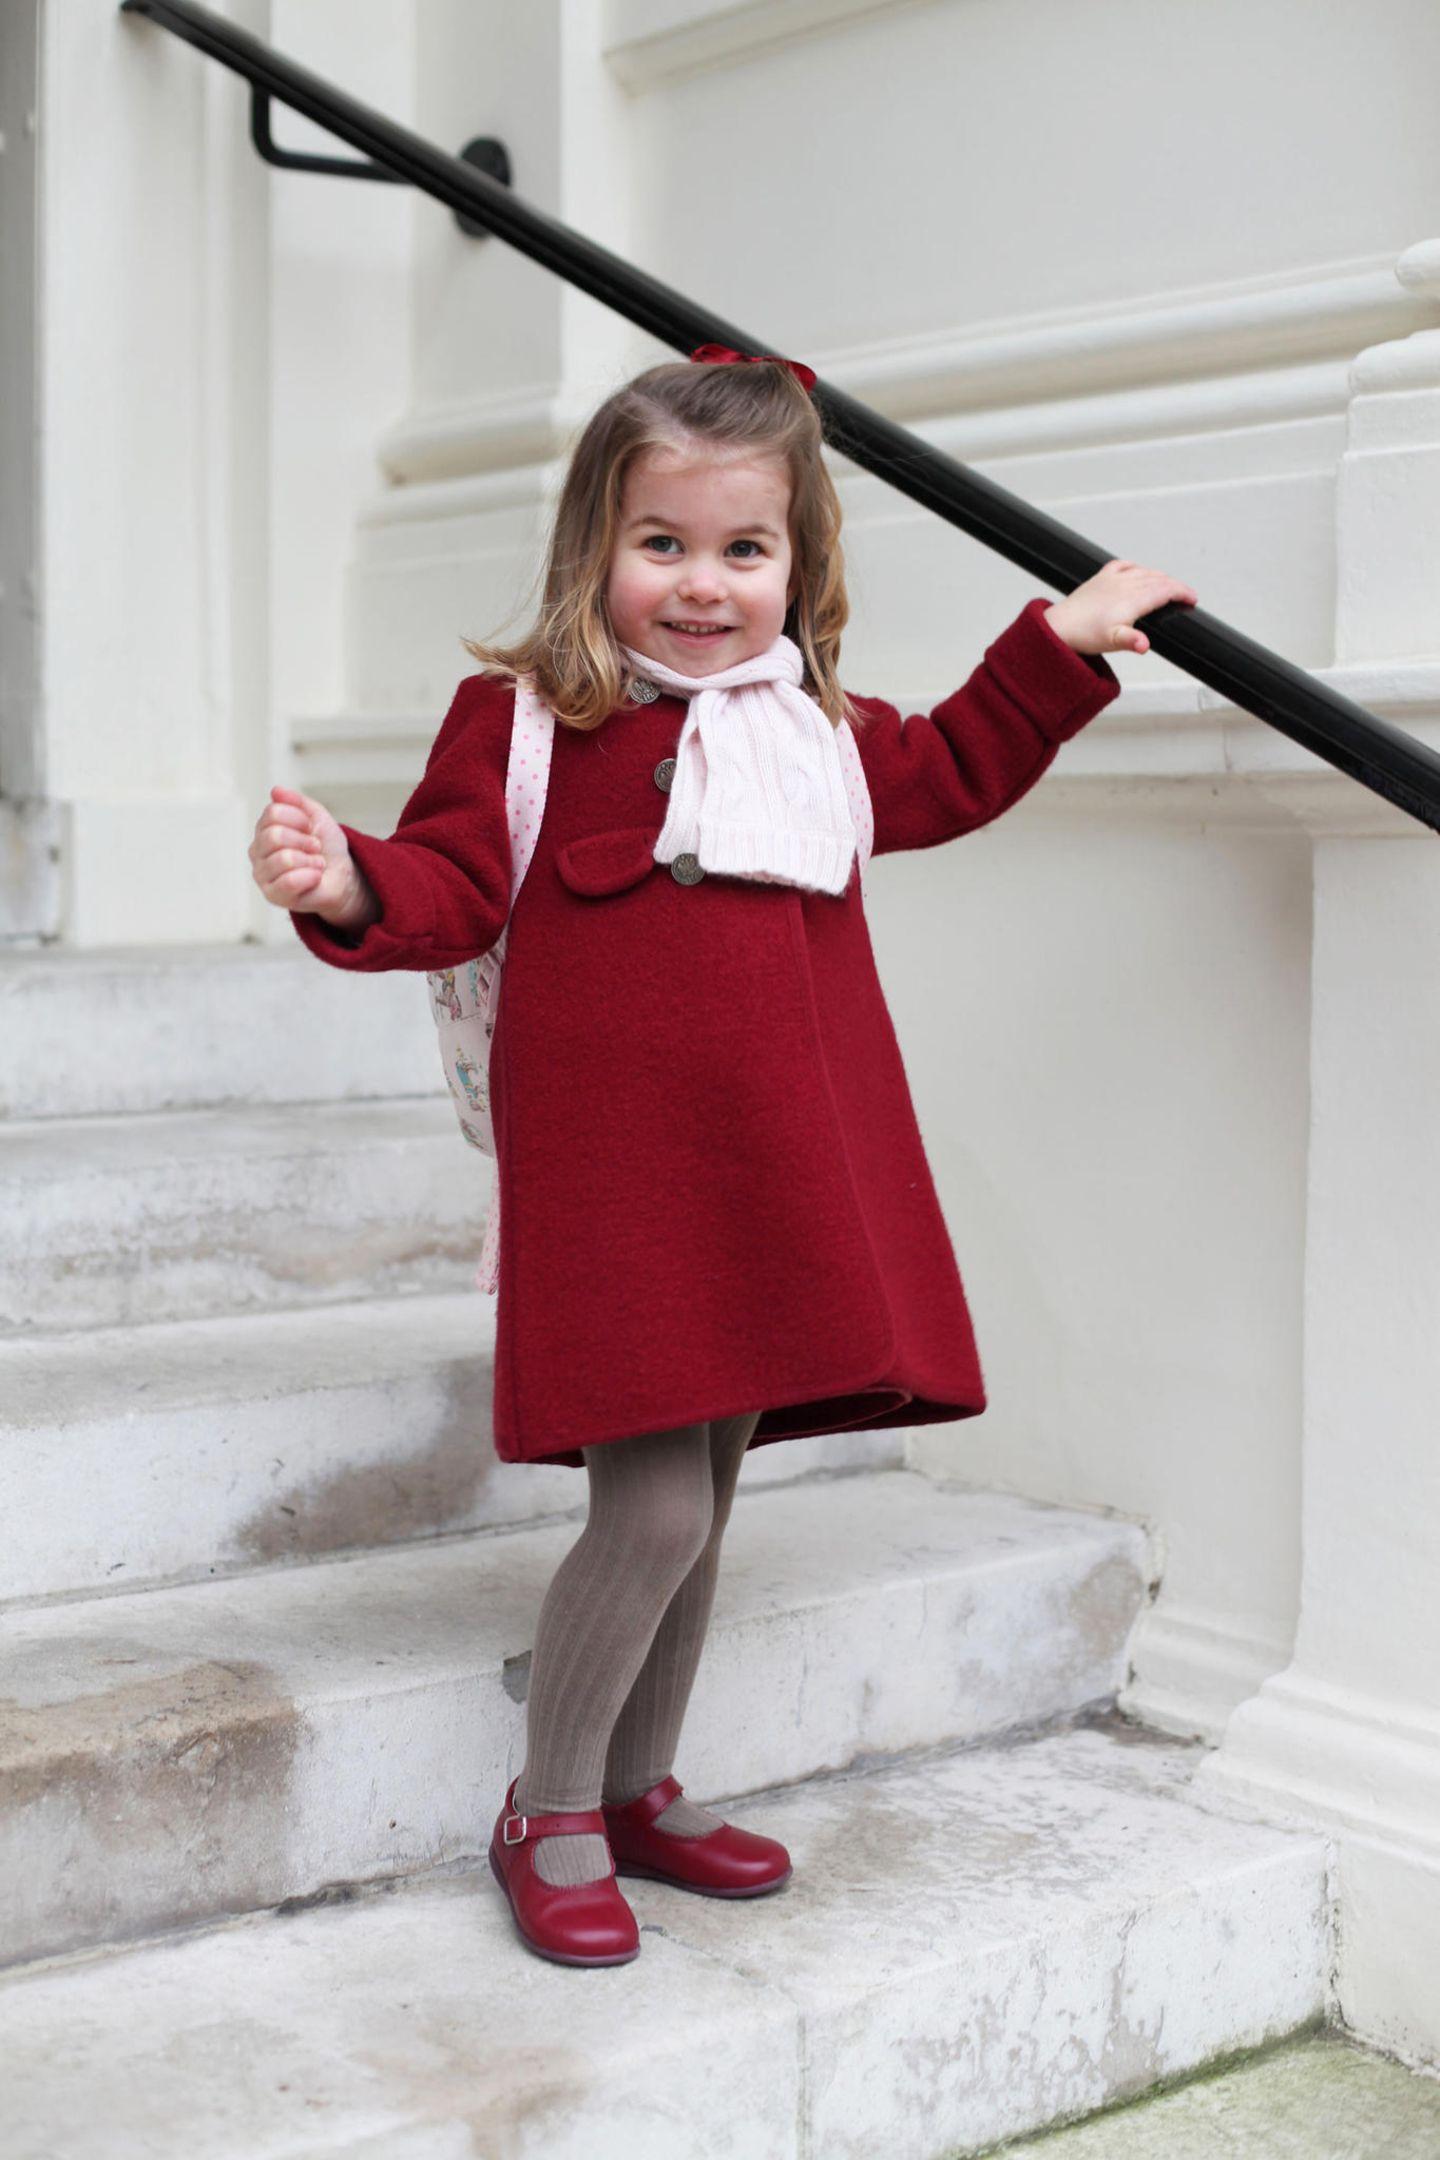 """Die Fotos von Prinzessin Charlottes erstem Tag im Kindergarten (""""Willcocks Nursery School"""") lassen uns dahinschmelzen. Darauf trägt sie einen roten Mantel mit dazu passenden Schühchen. Alles scheint aufeinander abgestimmt zu sein, auch der rosa Schal zum rosa Rucksack passt perfekt. Der gesamte Look hat knapp 340 Euro gekostet."""